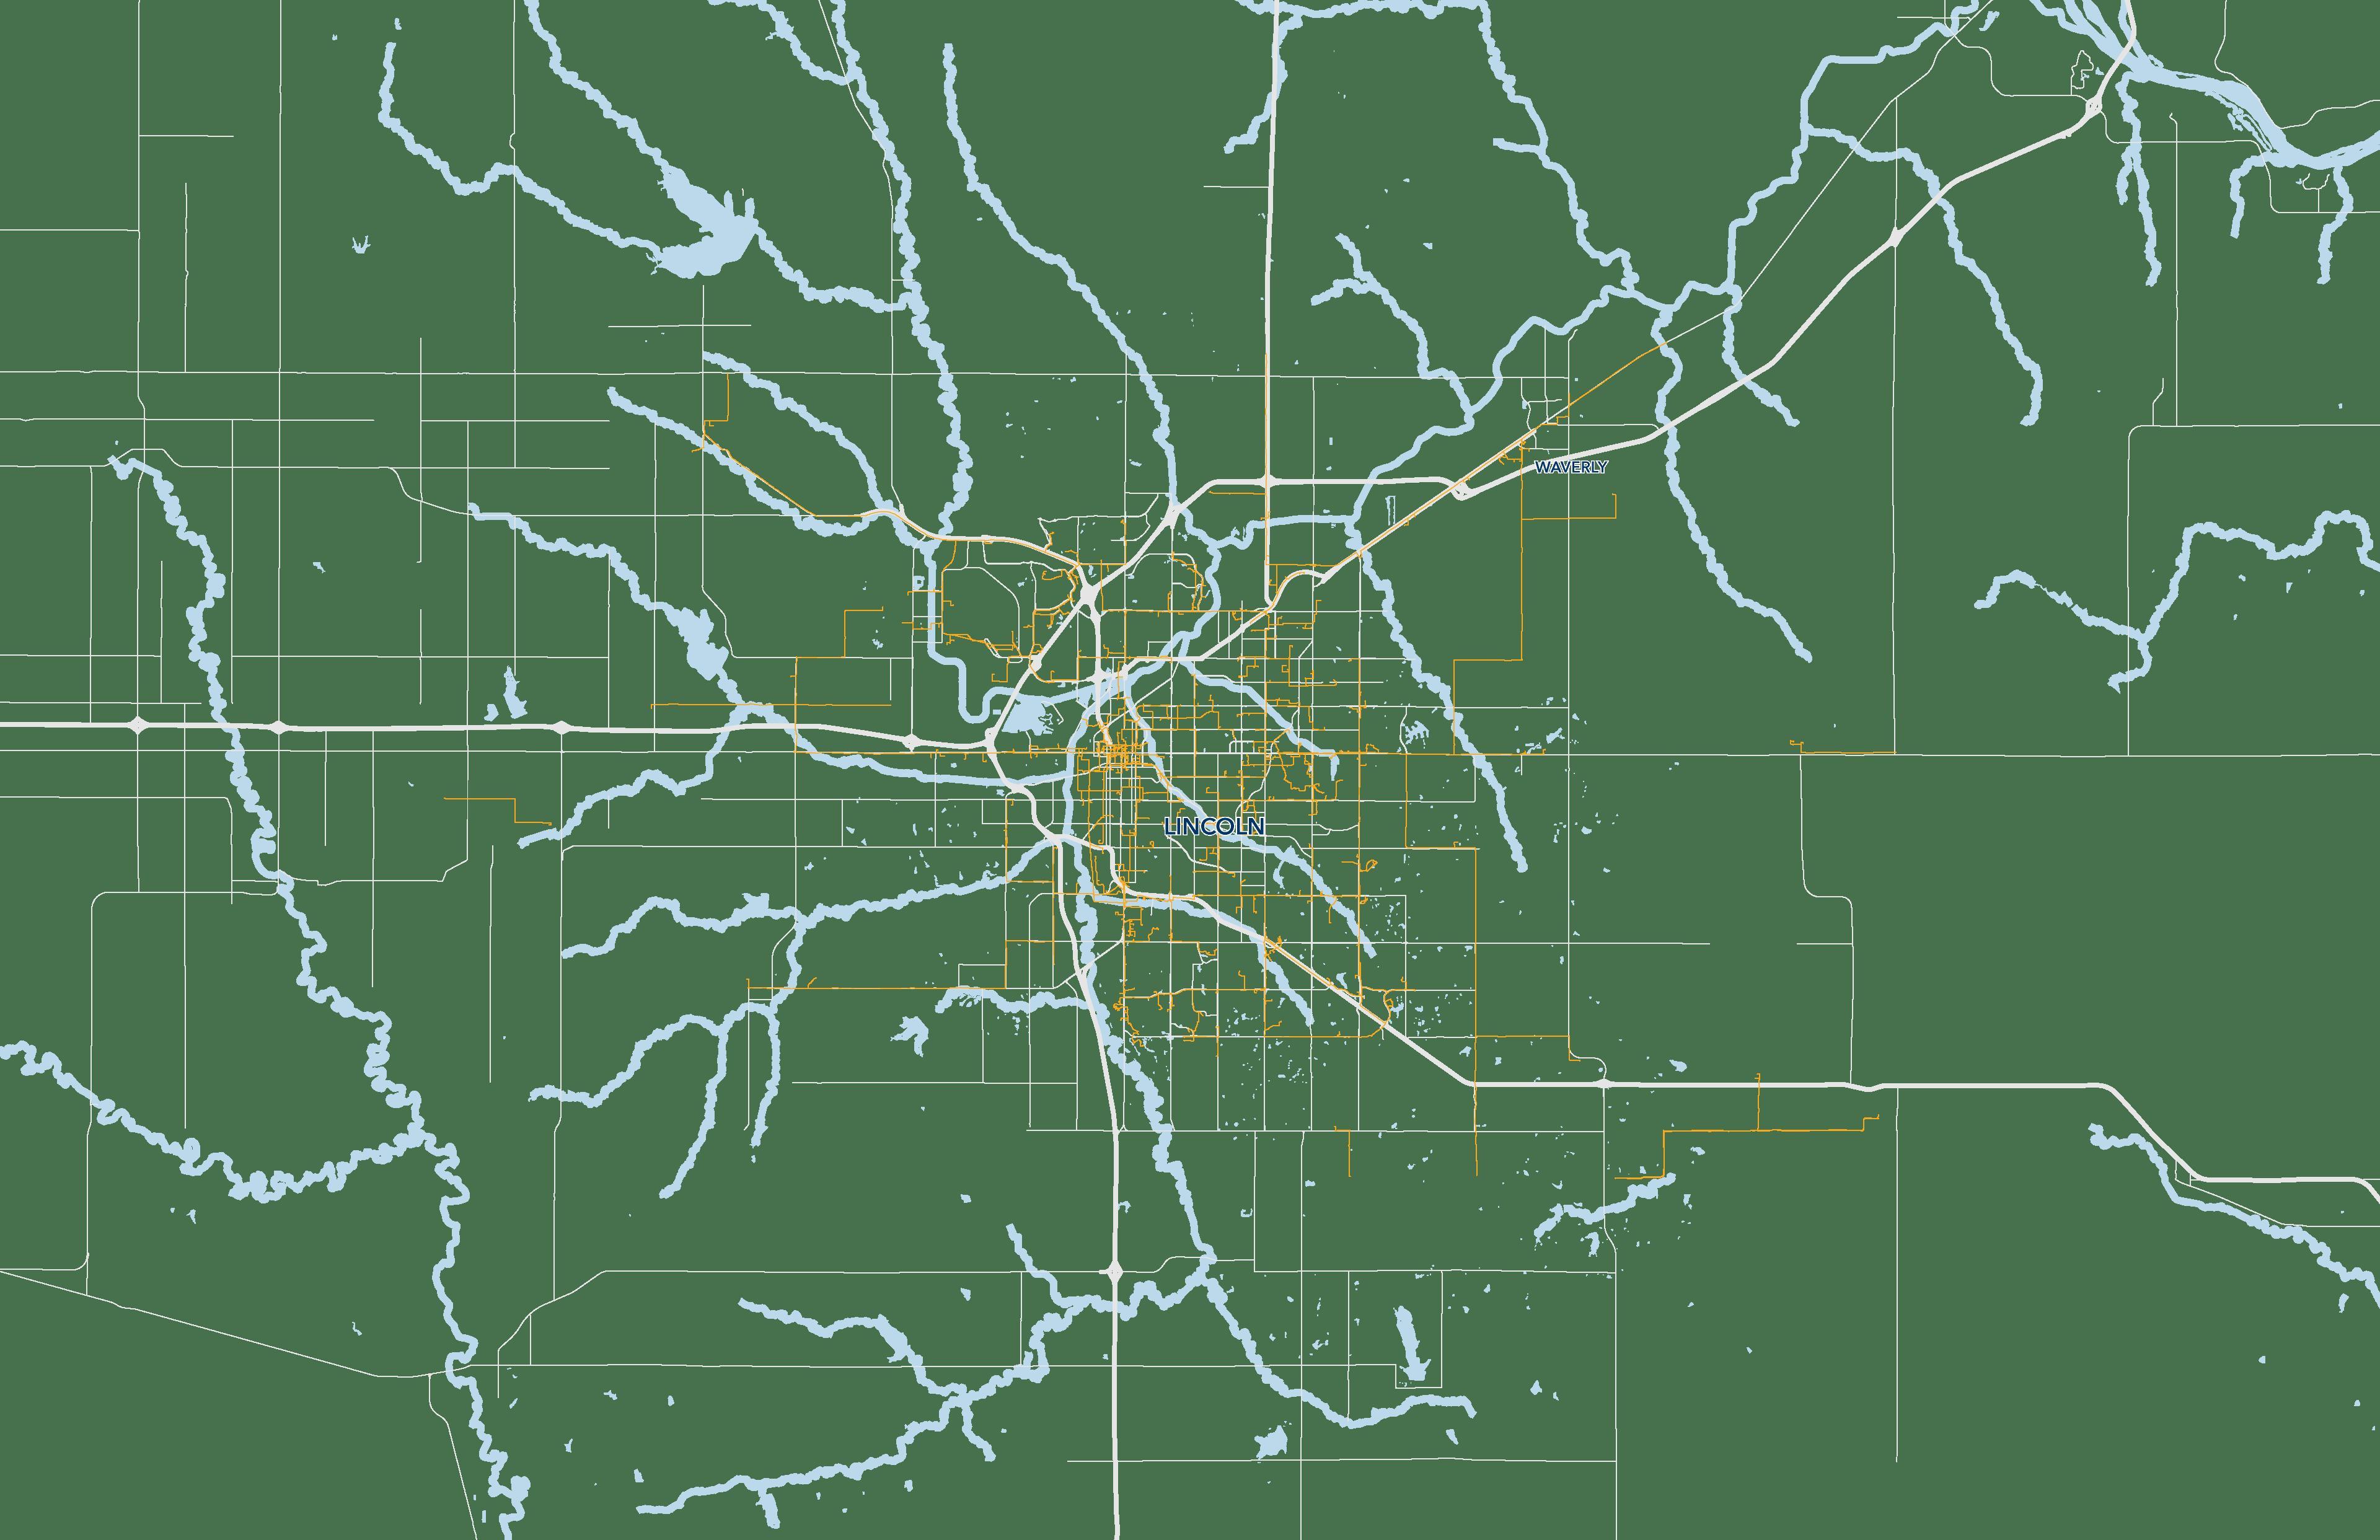 Metro Fiber Maps - Unite Private Networks